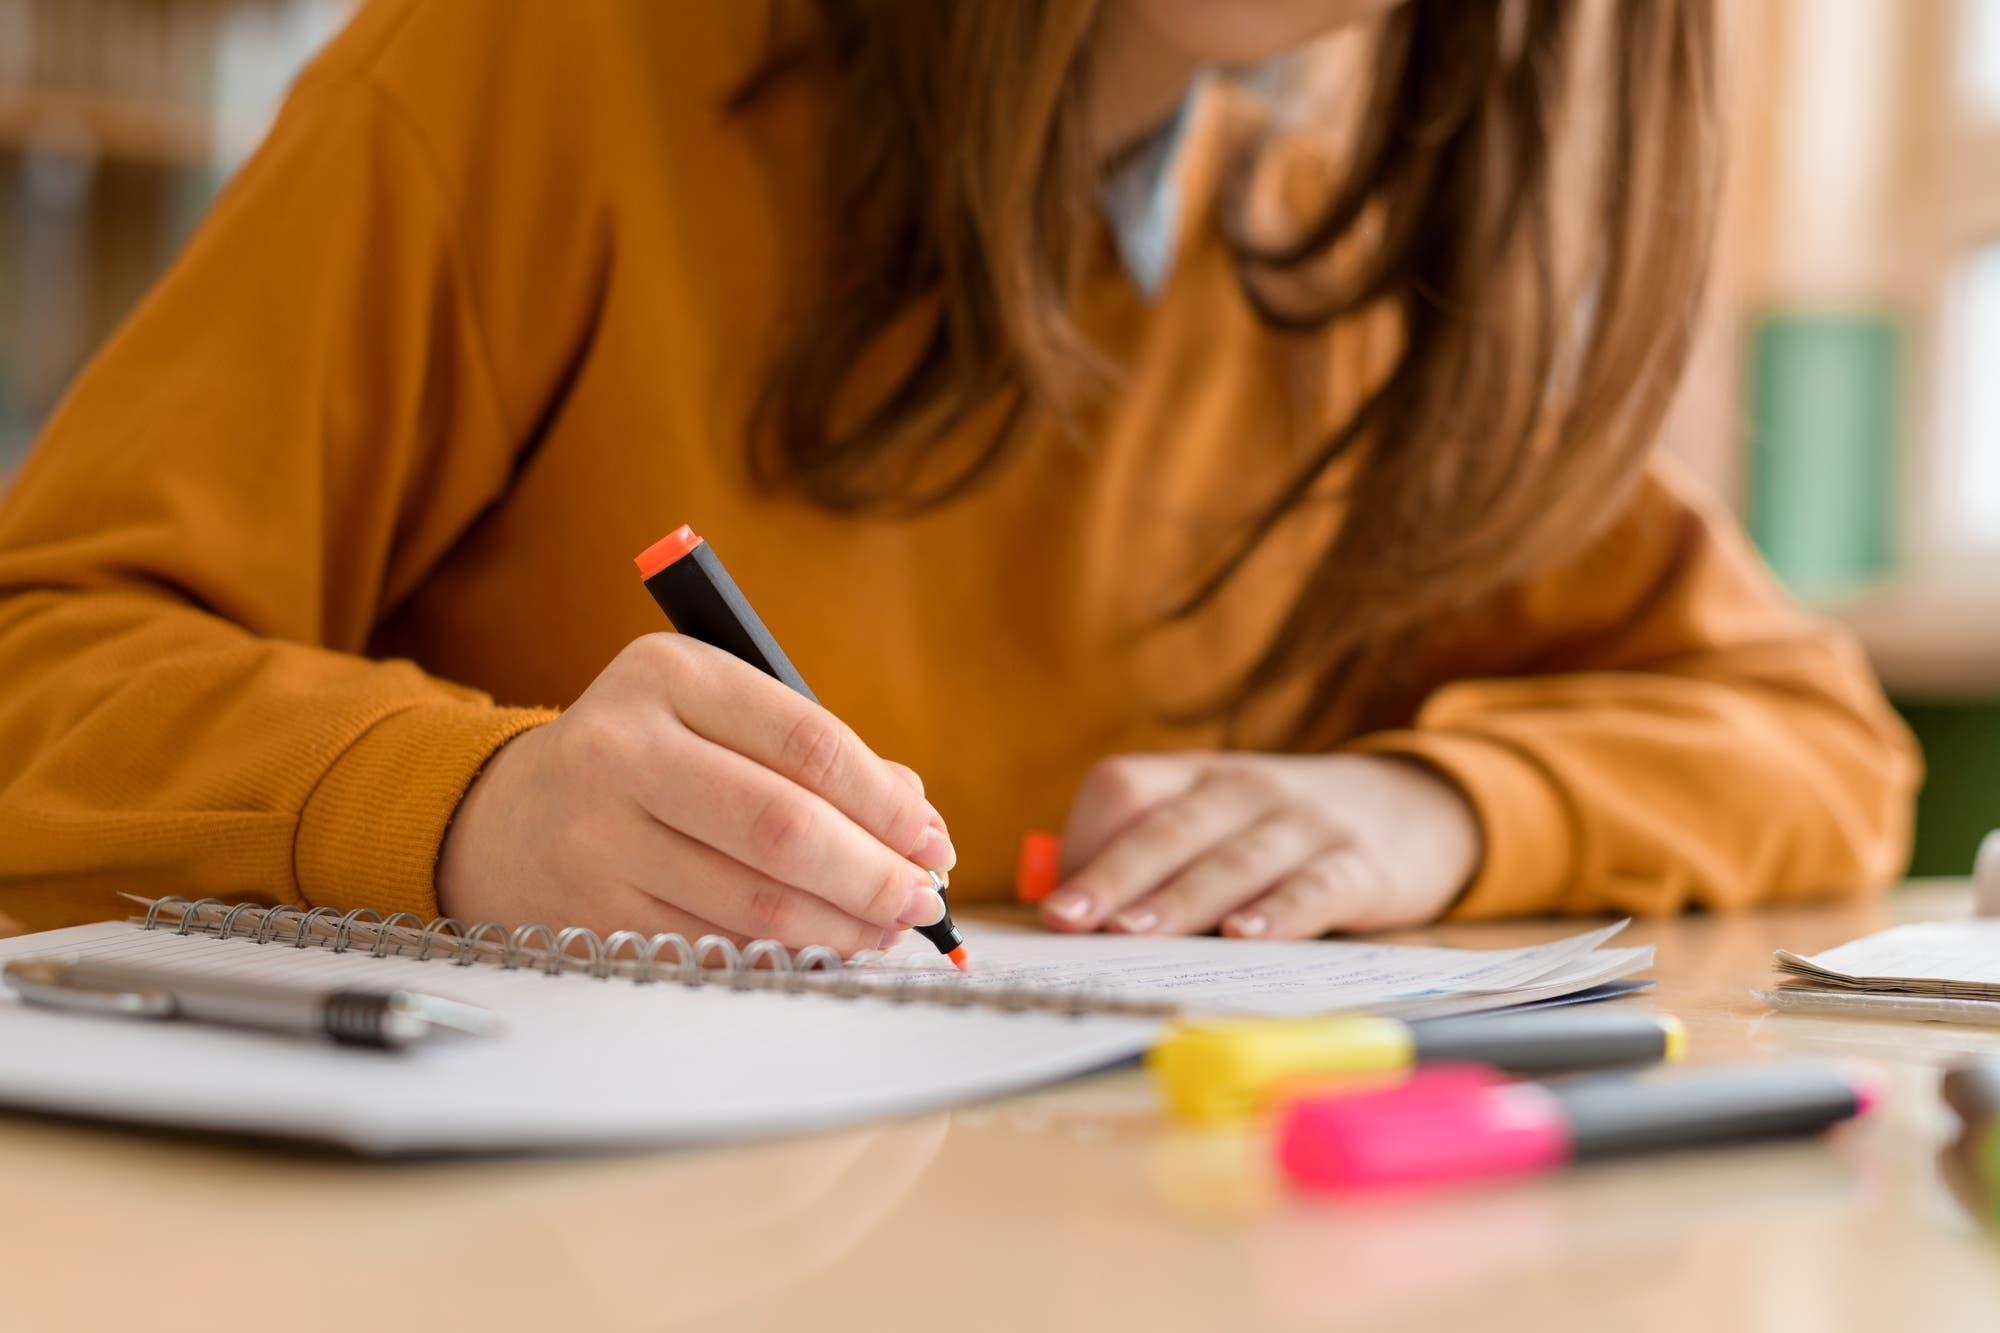 Por qué a veces es mejor tomar notas a mano y no con un teclado